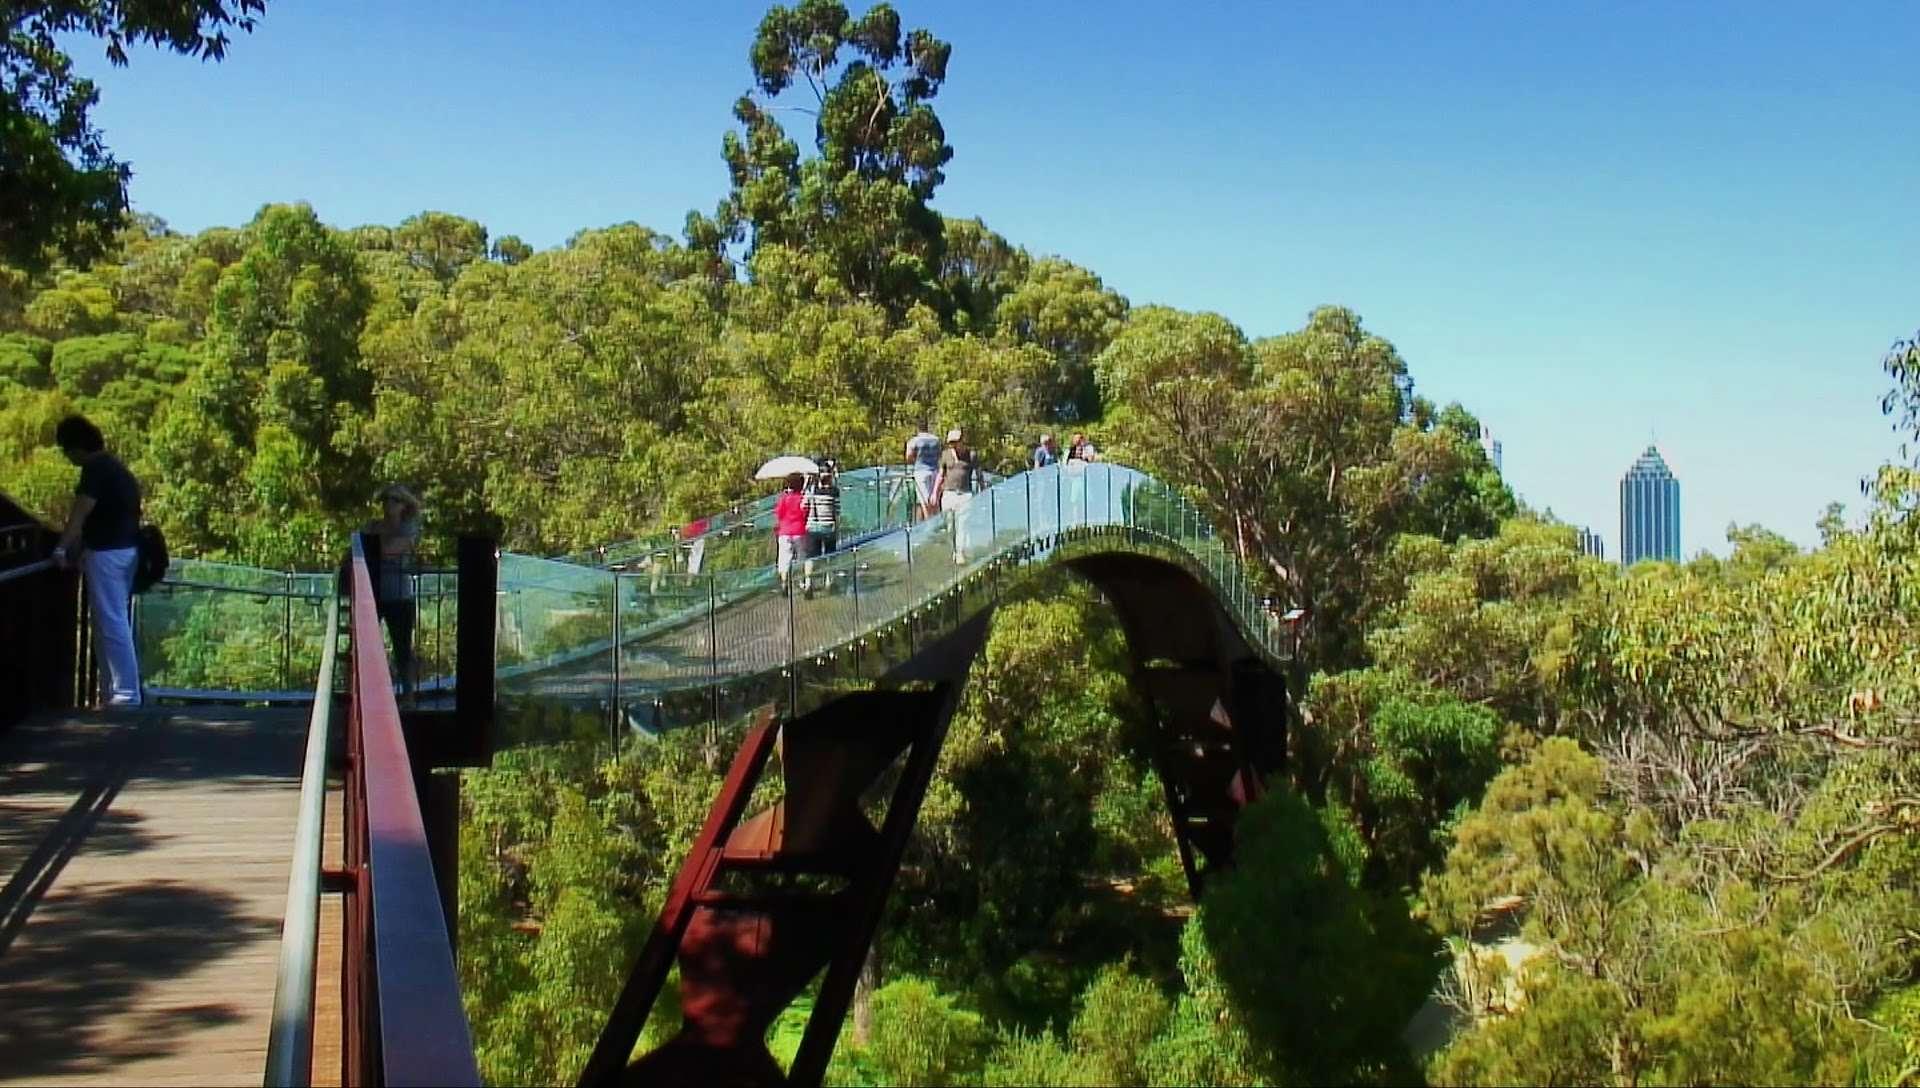 Công viên King Park, Perth úc